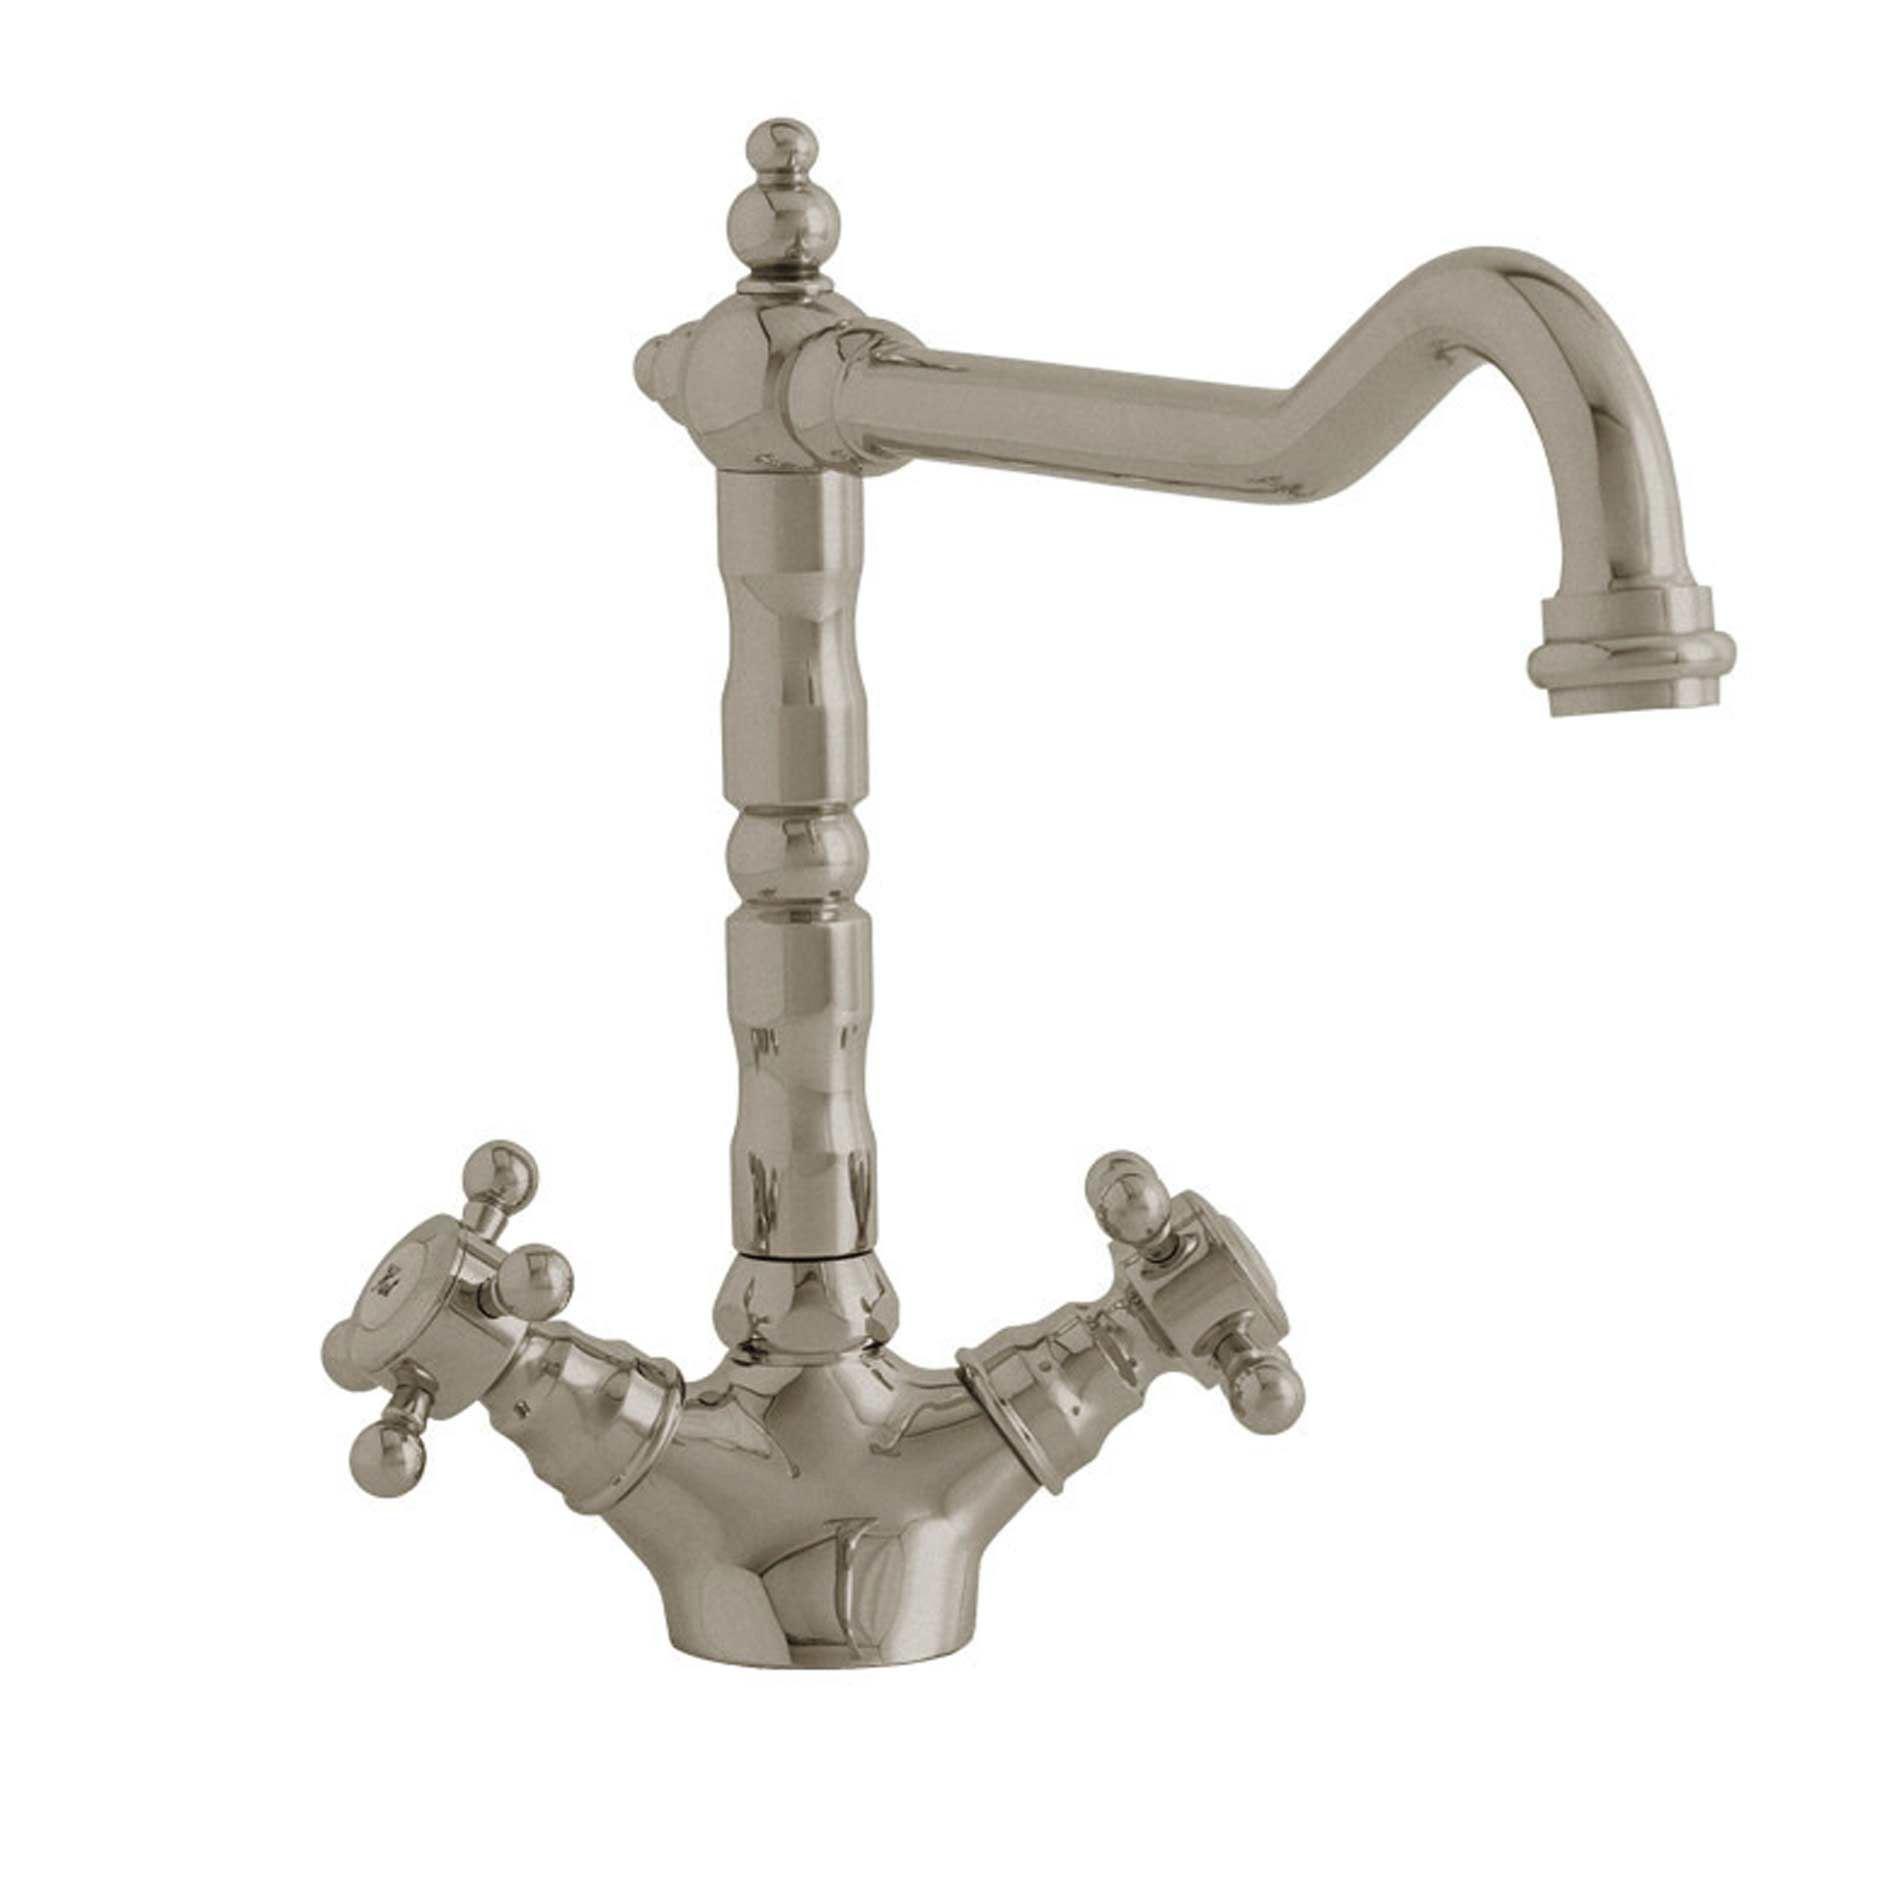 Astracast: Camargue Monobloc Nickel Tap TP0035 - Kitchen Sinks & Taps